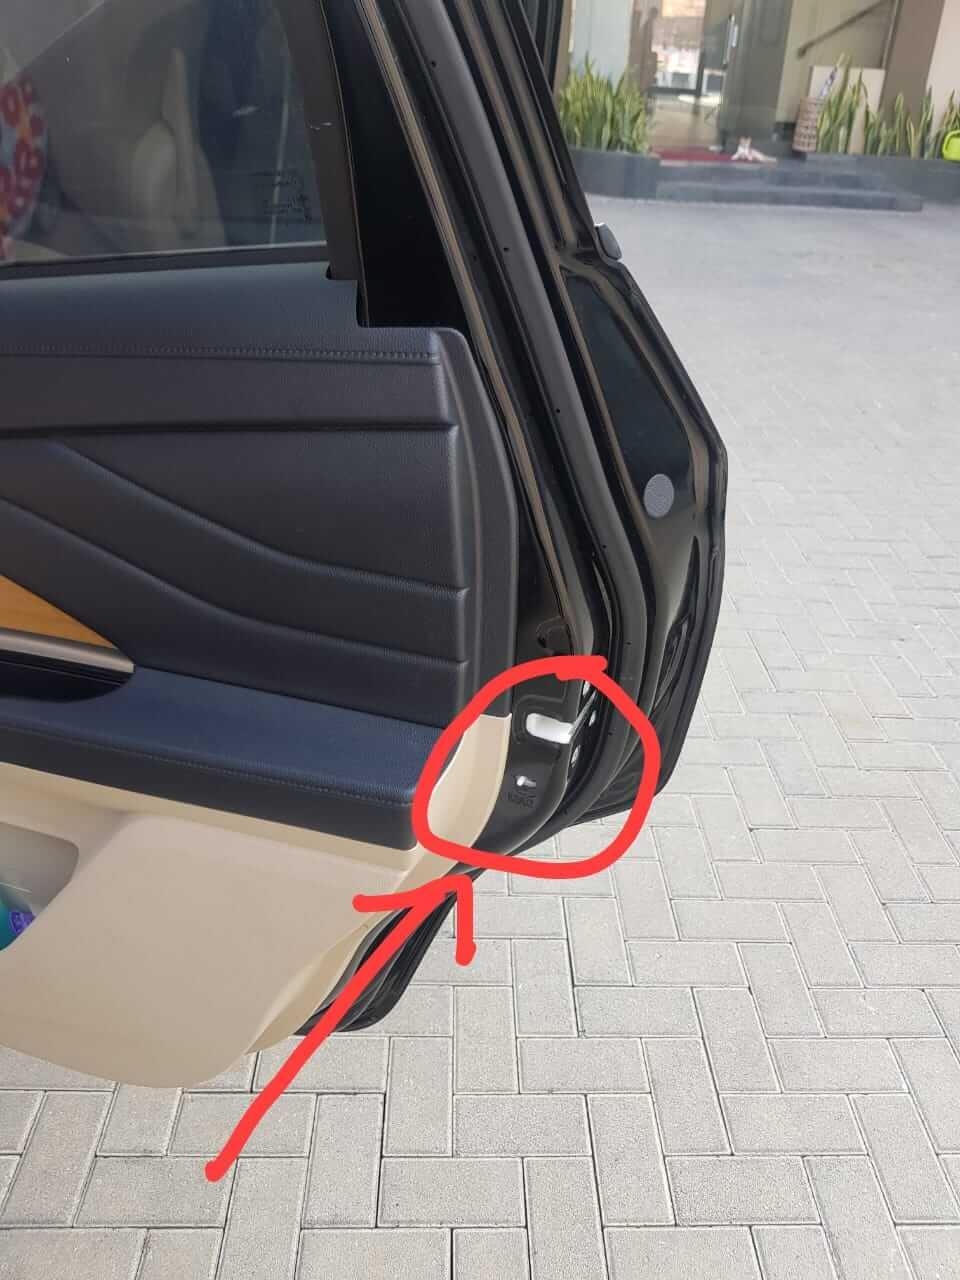 switch safety pintu mobil Xpander